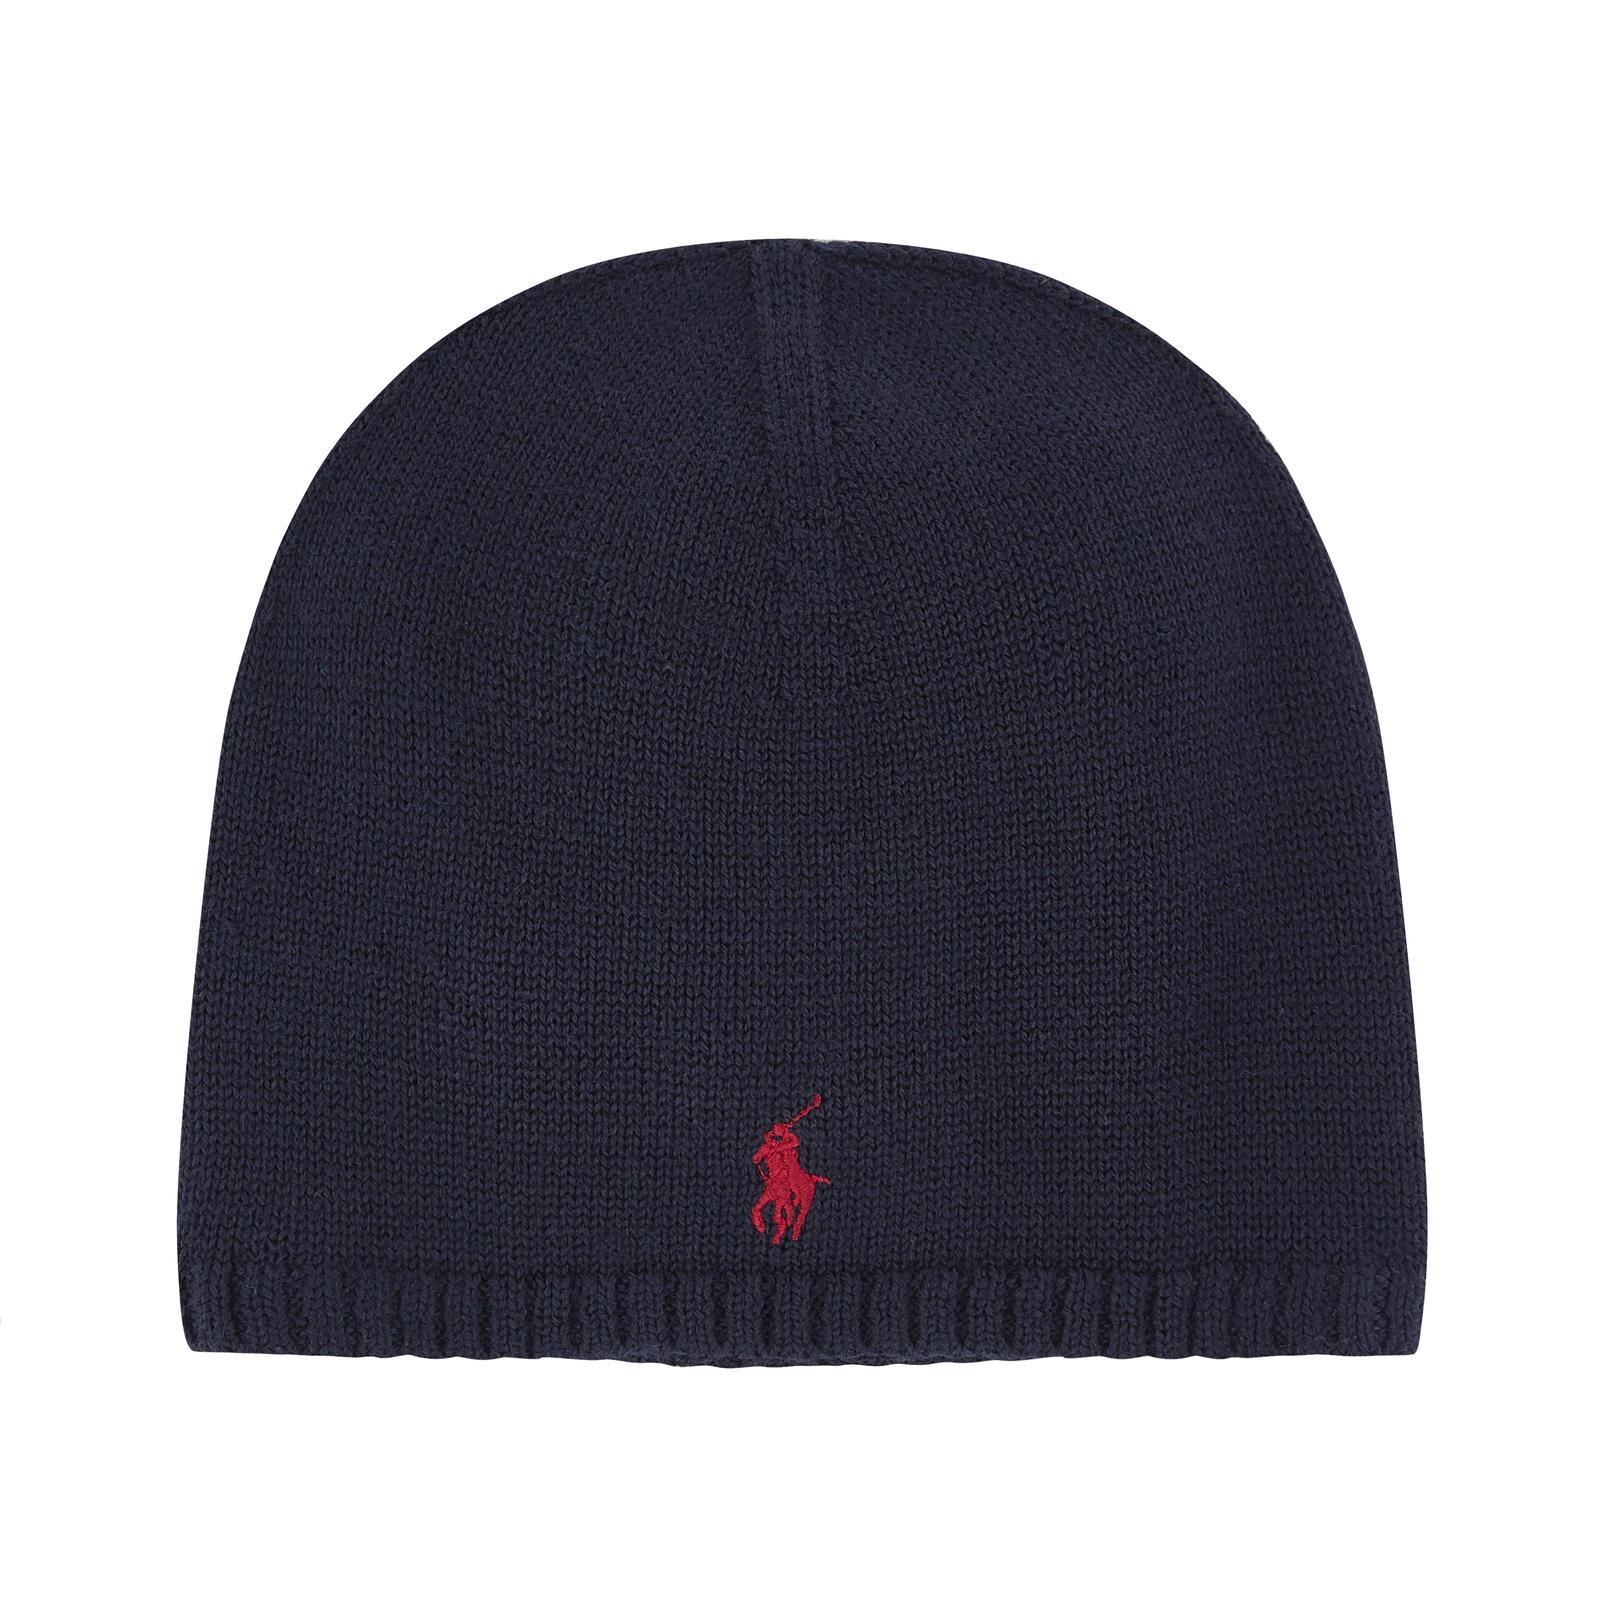 Coffret bonnet echarpe homme ralph lauren - Idée pour s habiller 3ccbf556c5b